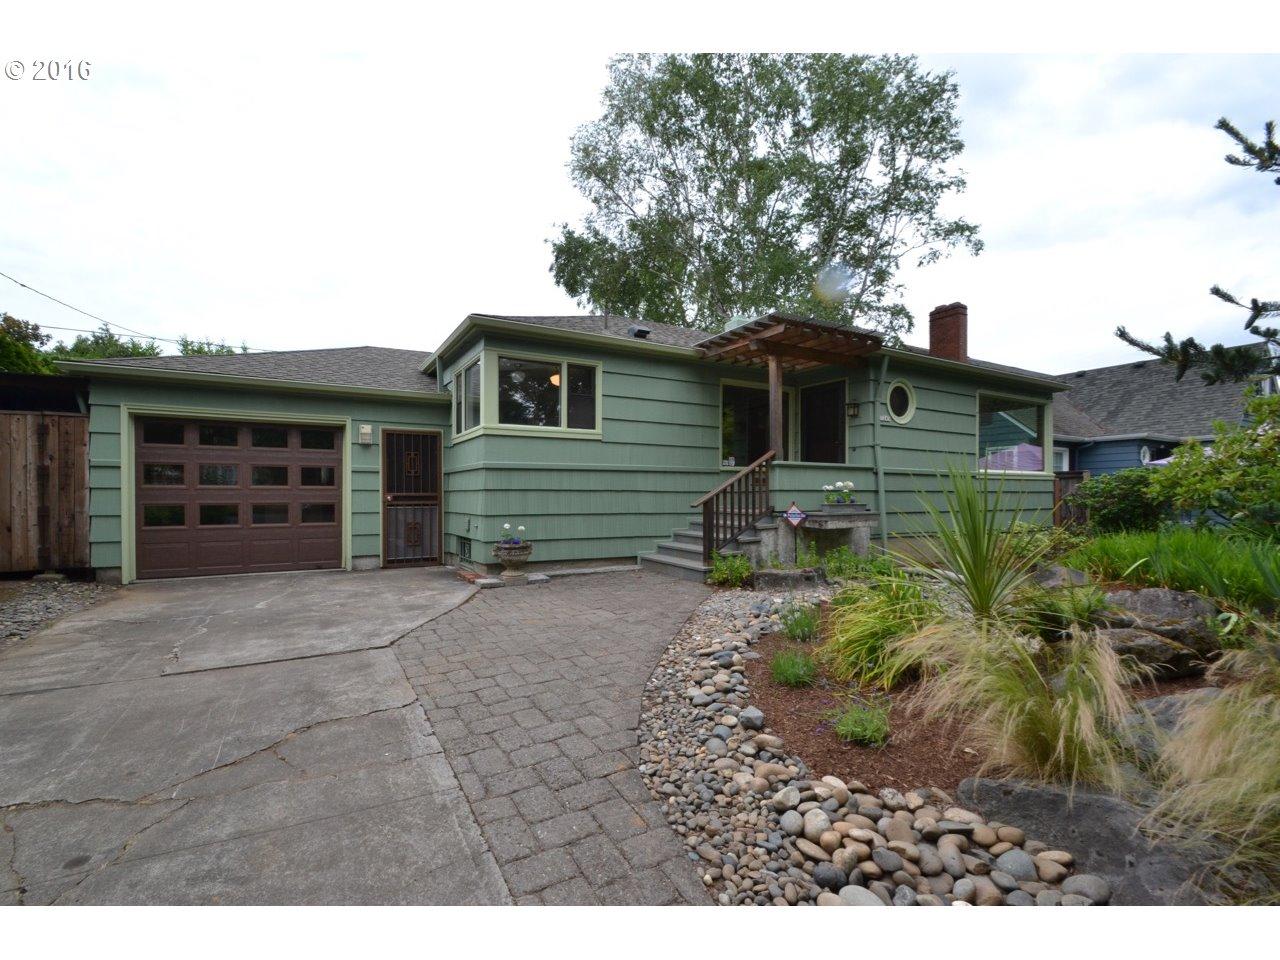 7245 N CHAUTAUQUA BLVD, Portland, OR 97217